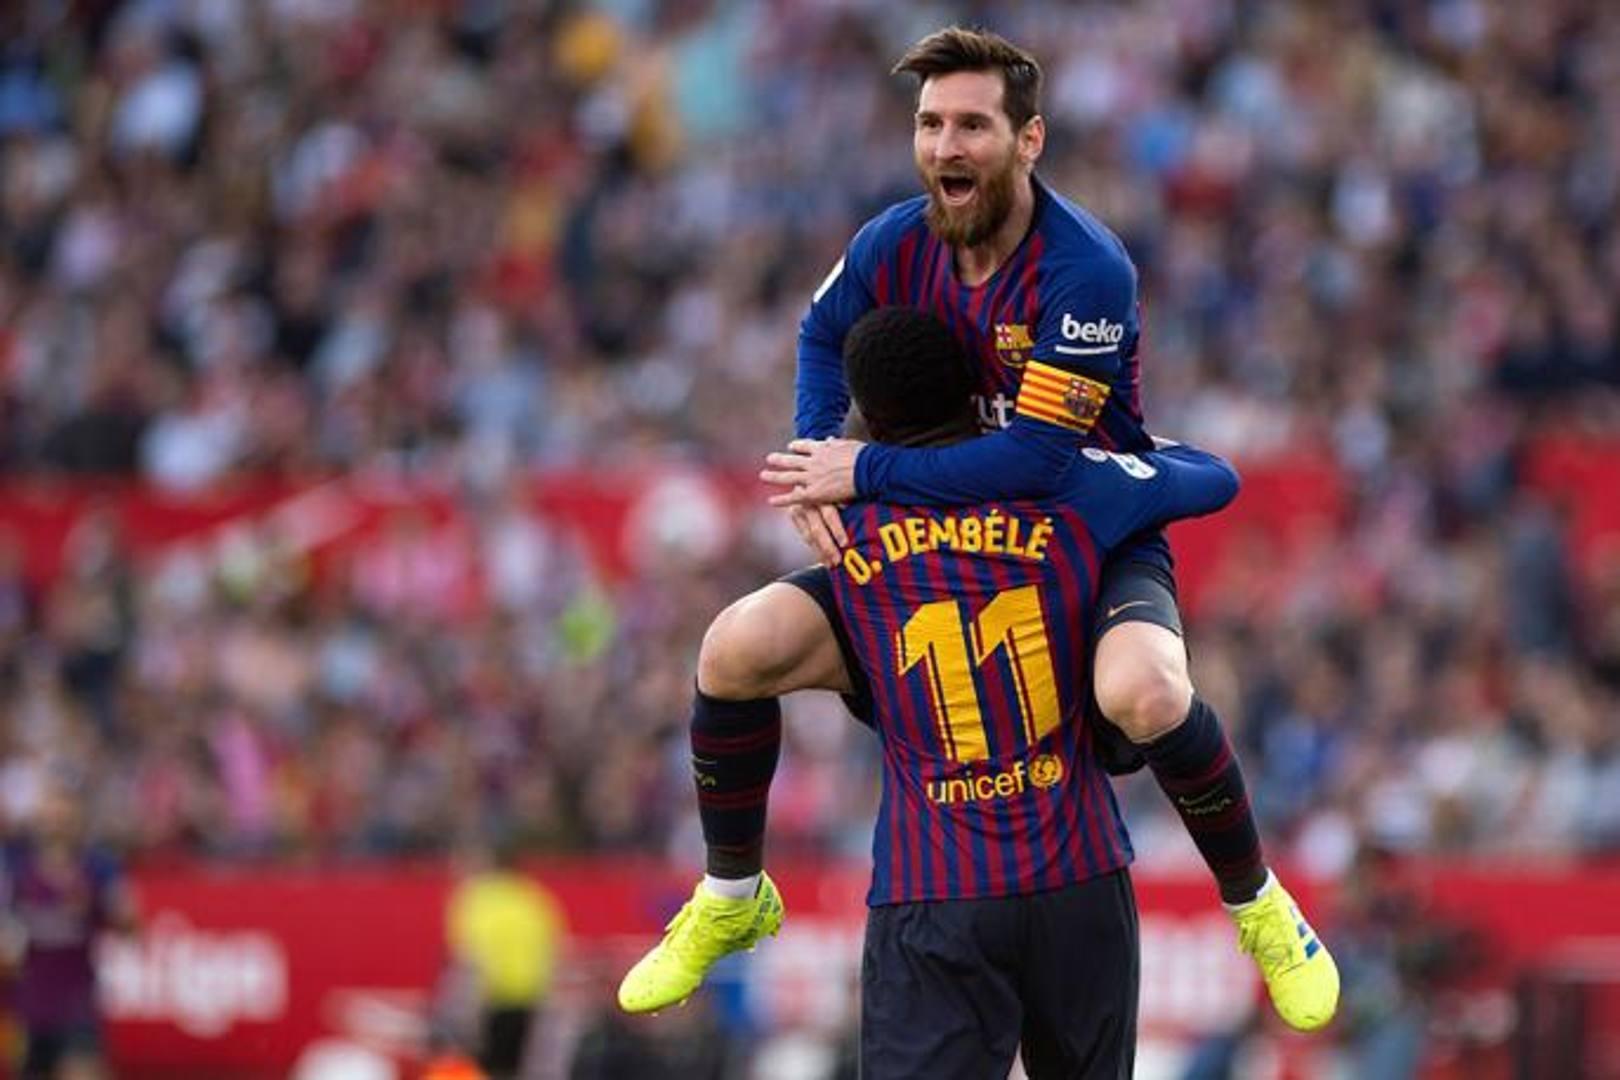 """Due volte sotto, due volte pari. E la firma dell'""""aggiustatore"""" era sempre quella di Leo Messi. Una partita da non dimenticare quella che ha visto il Barcellona battere 4-2 il Siviglia, soprattutto per il suo protagonista principale, la Pulce appunto, che ha siglato 3 gol su 4 e servito quello finale a Suarez. (Afp)"""